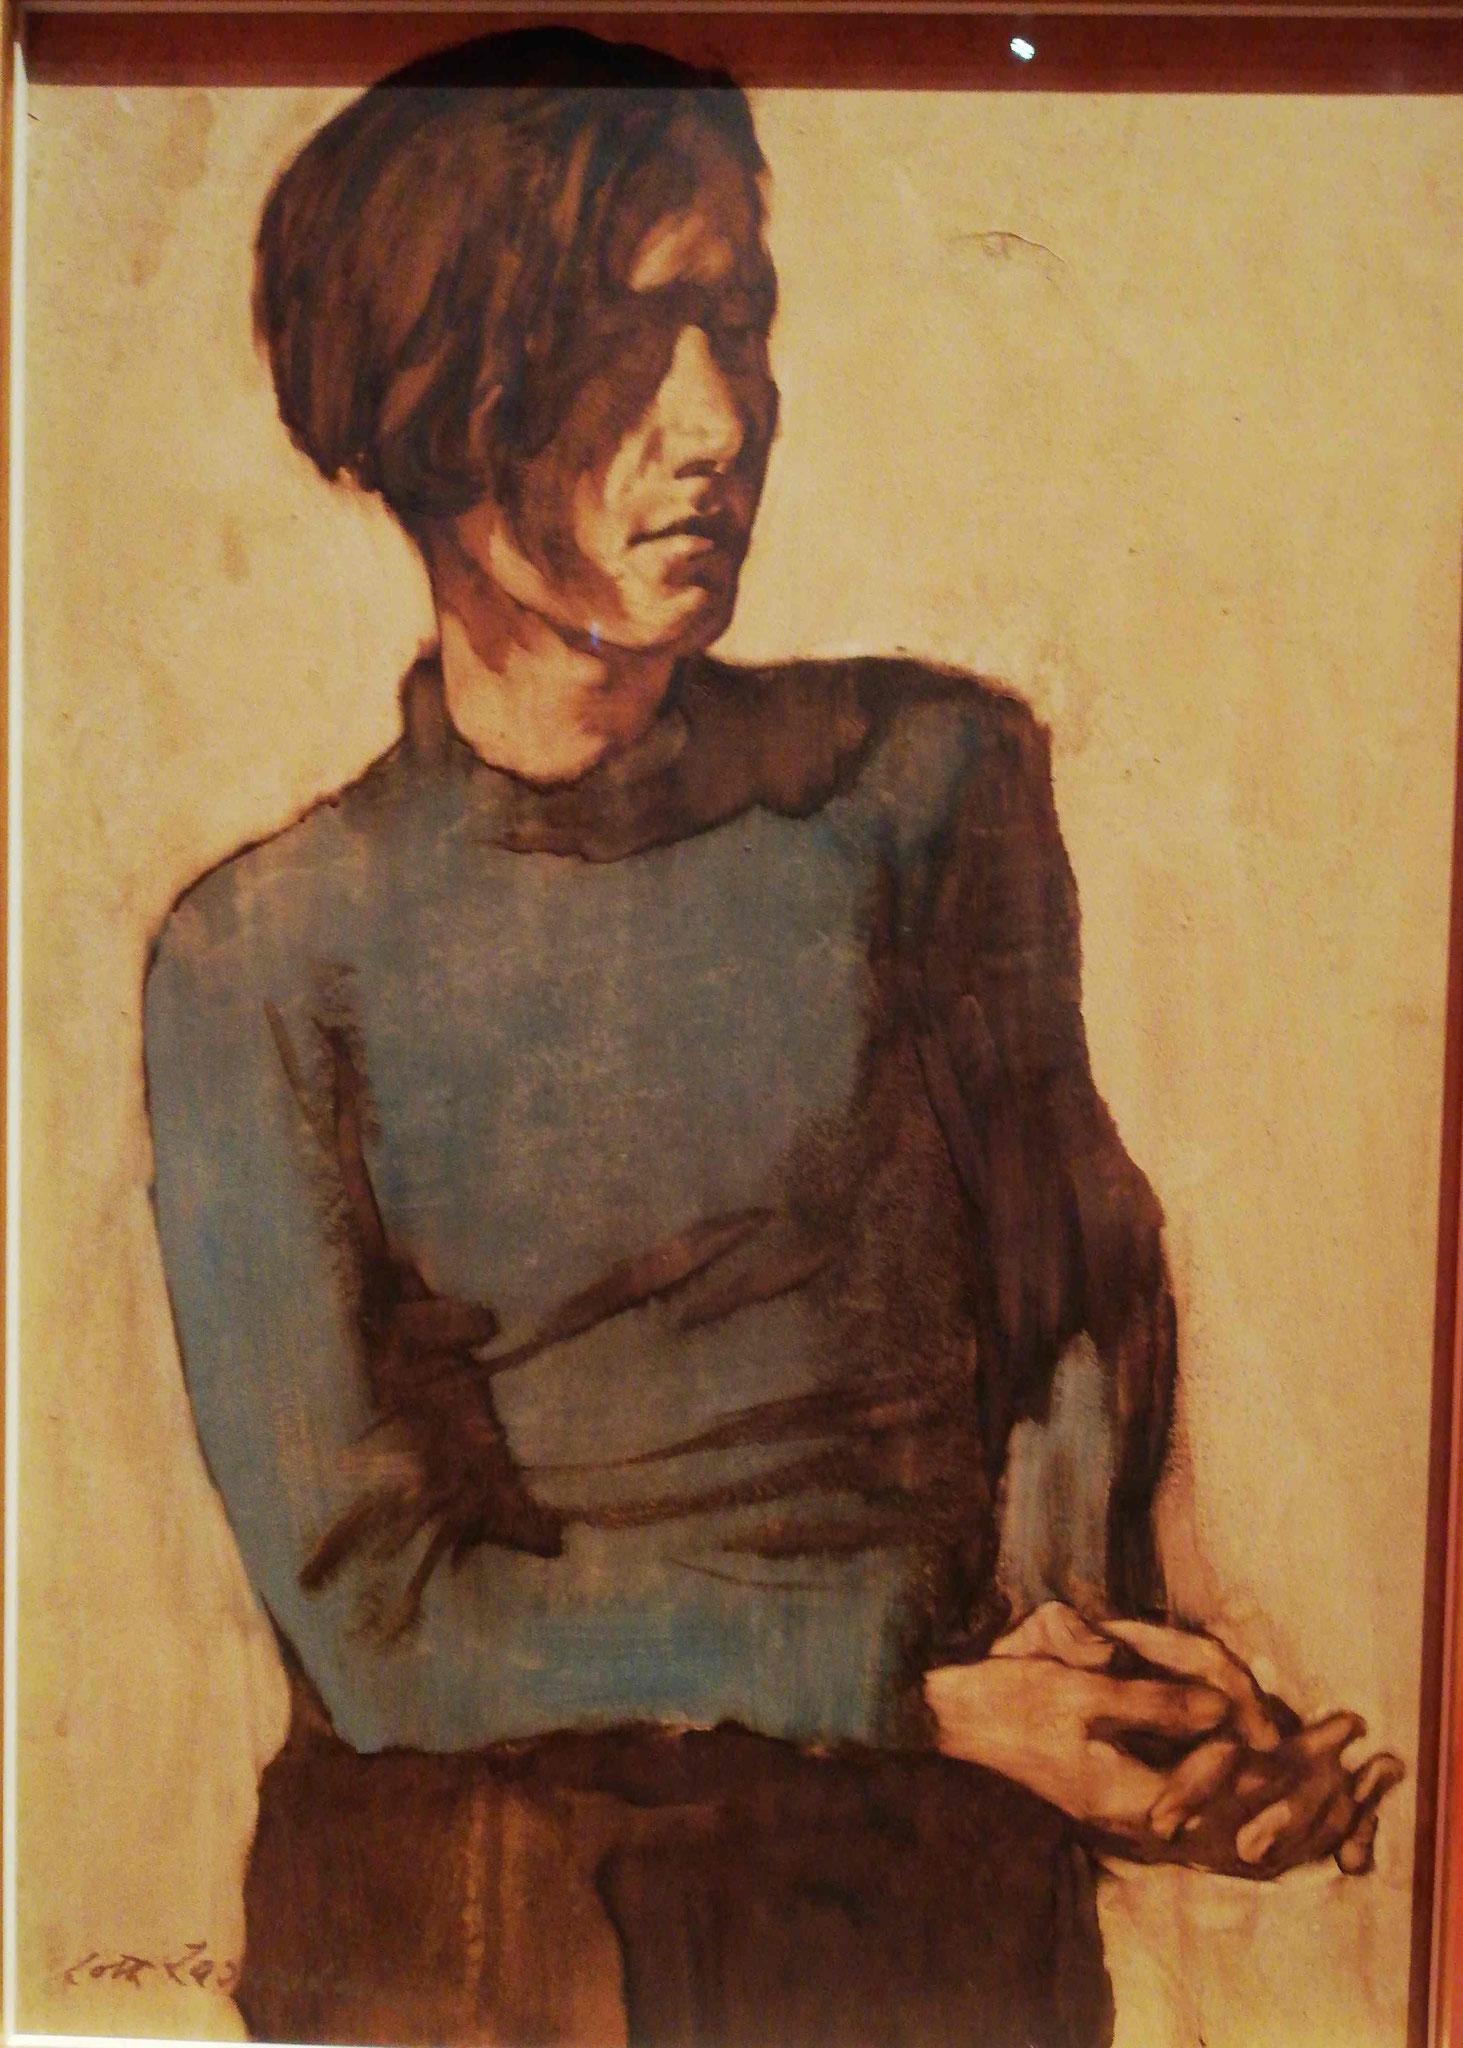 Lotte Laserstein, Traute im grünen Pullover, um 1931